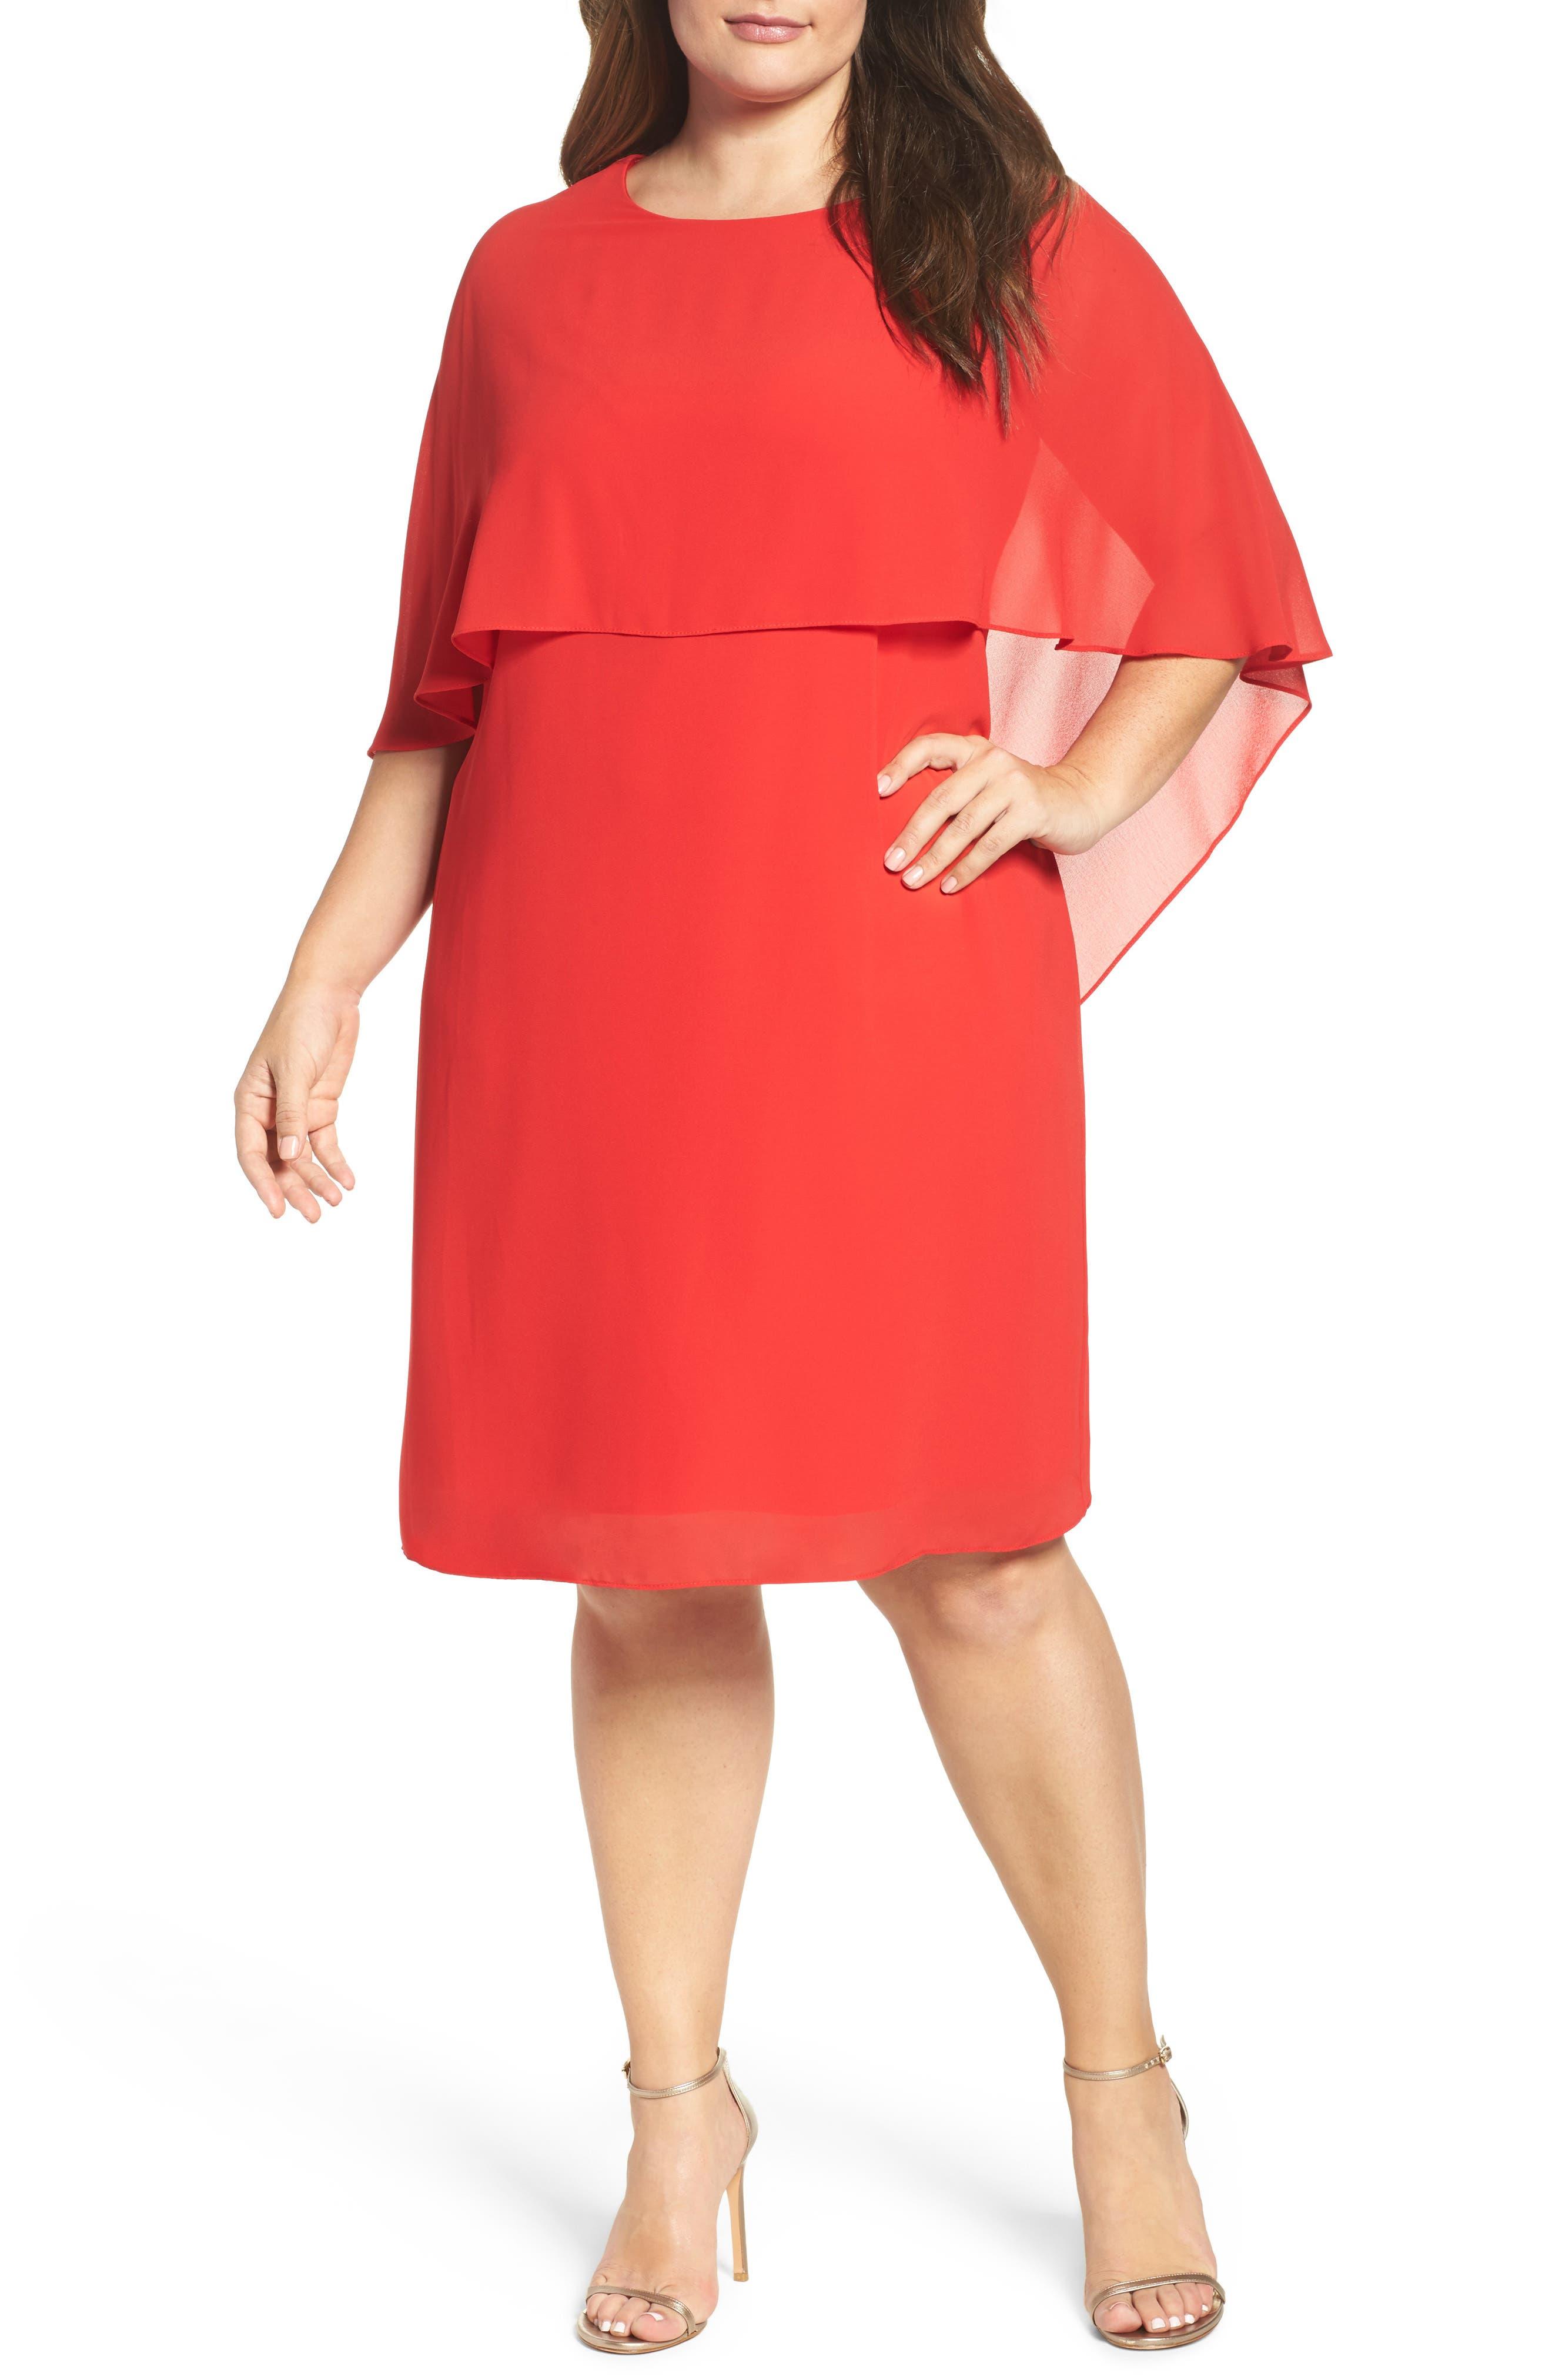 Vince Camuto Chiffon Cape Sheath Dress (Plus Size)